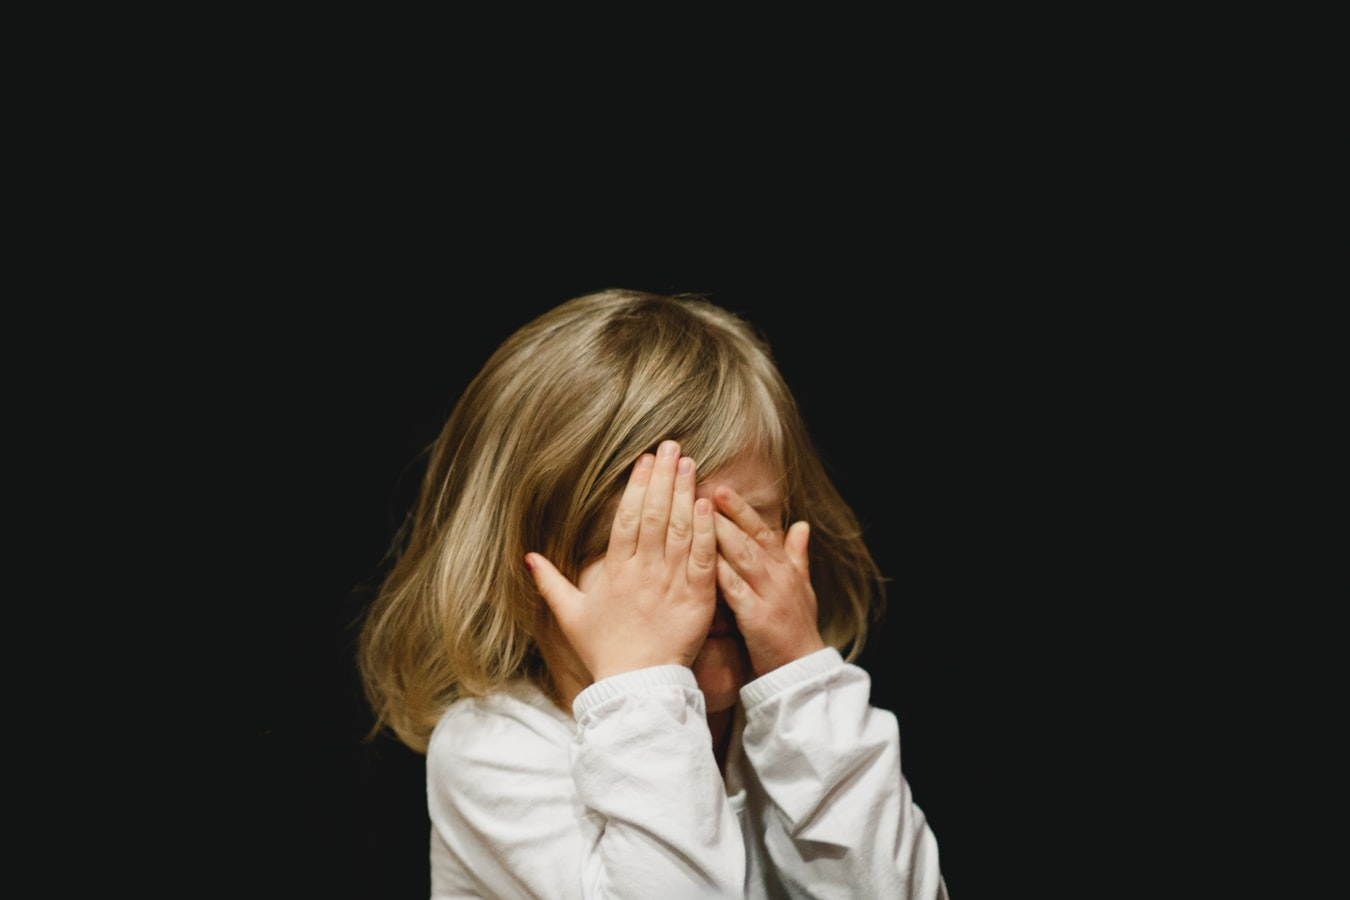 enfant angoissé